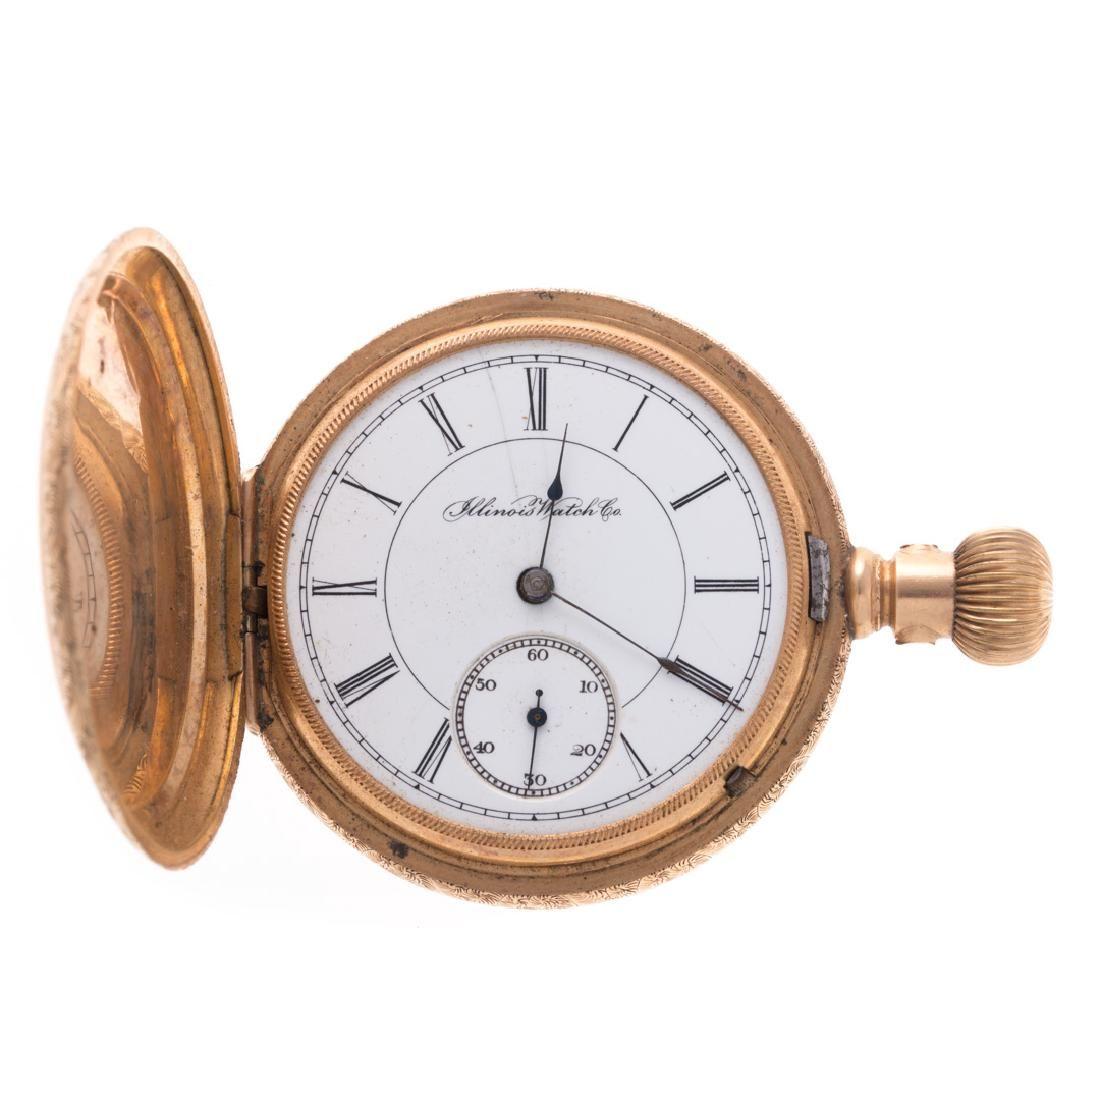 A Gentlemen's Illinois Pocket Watch in 14K